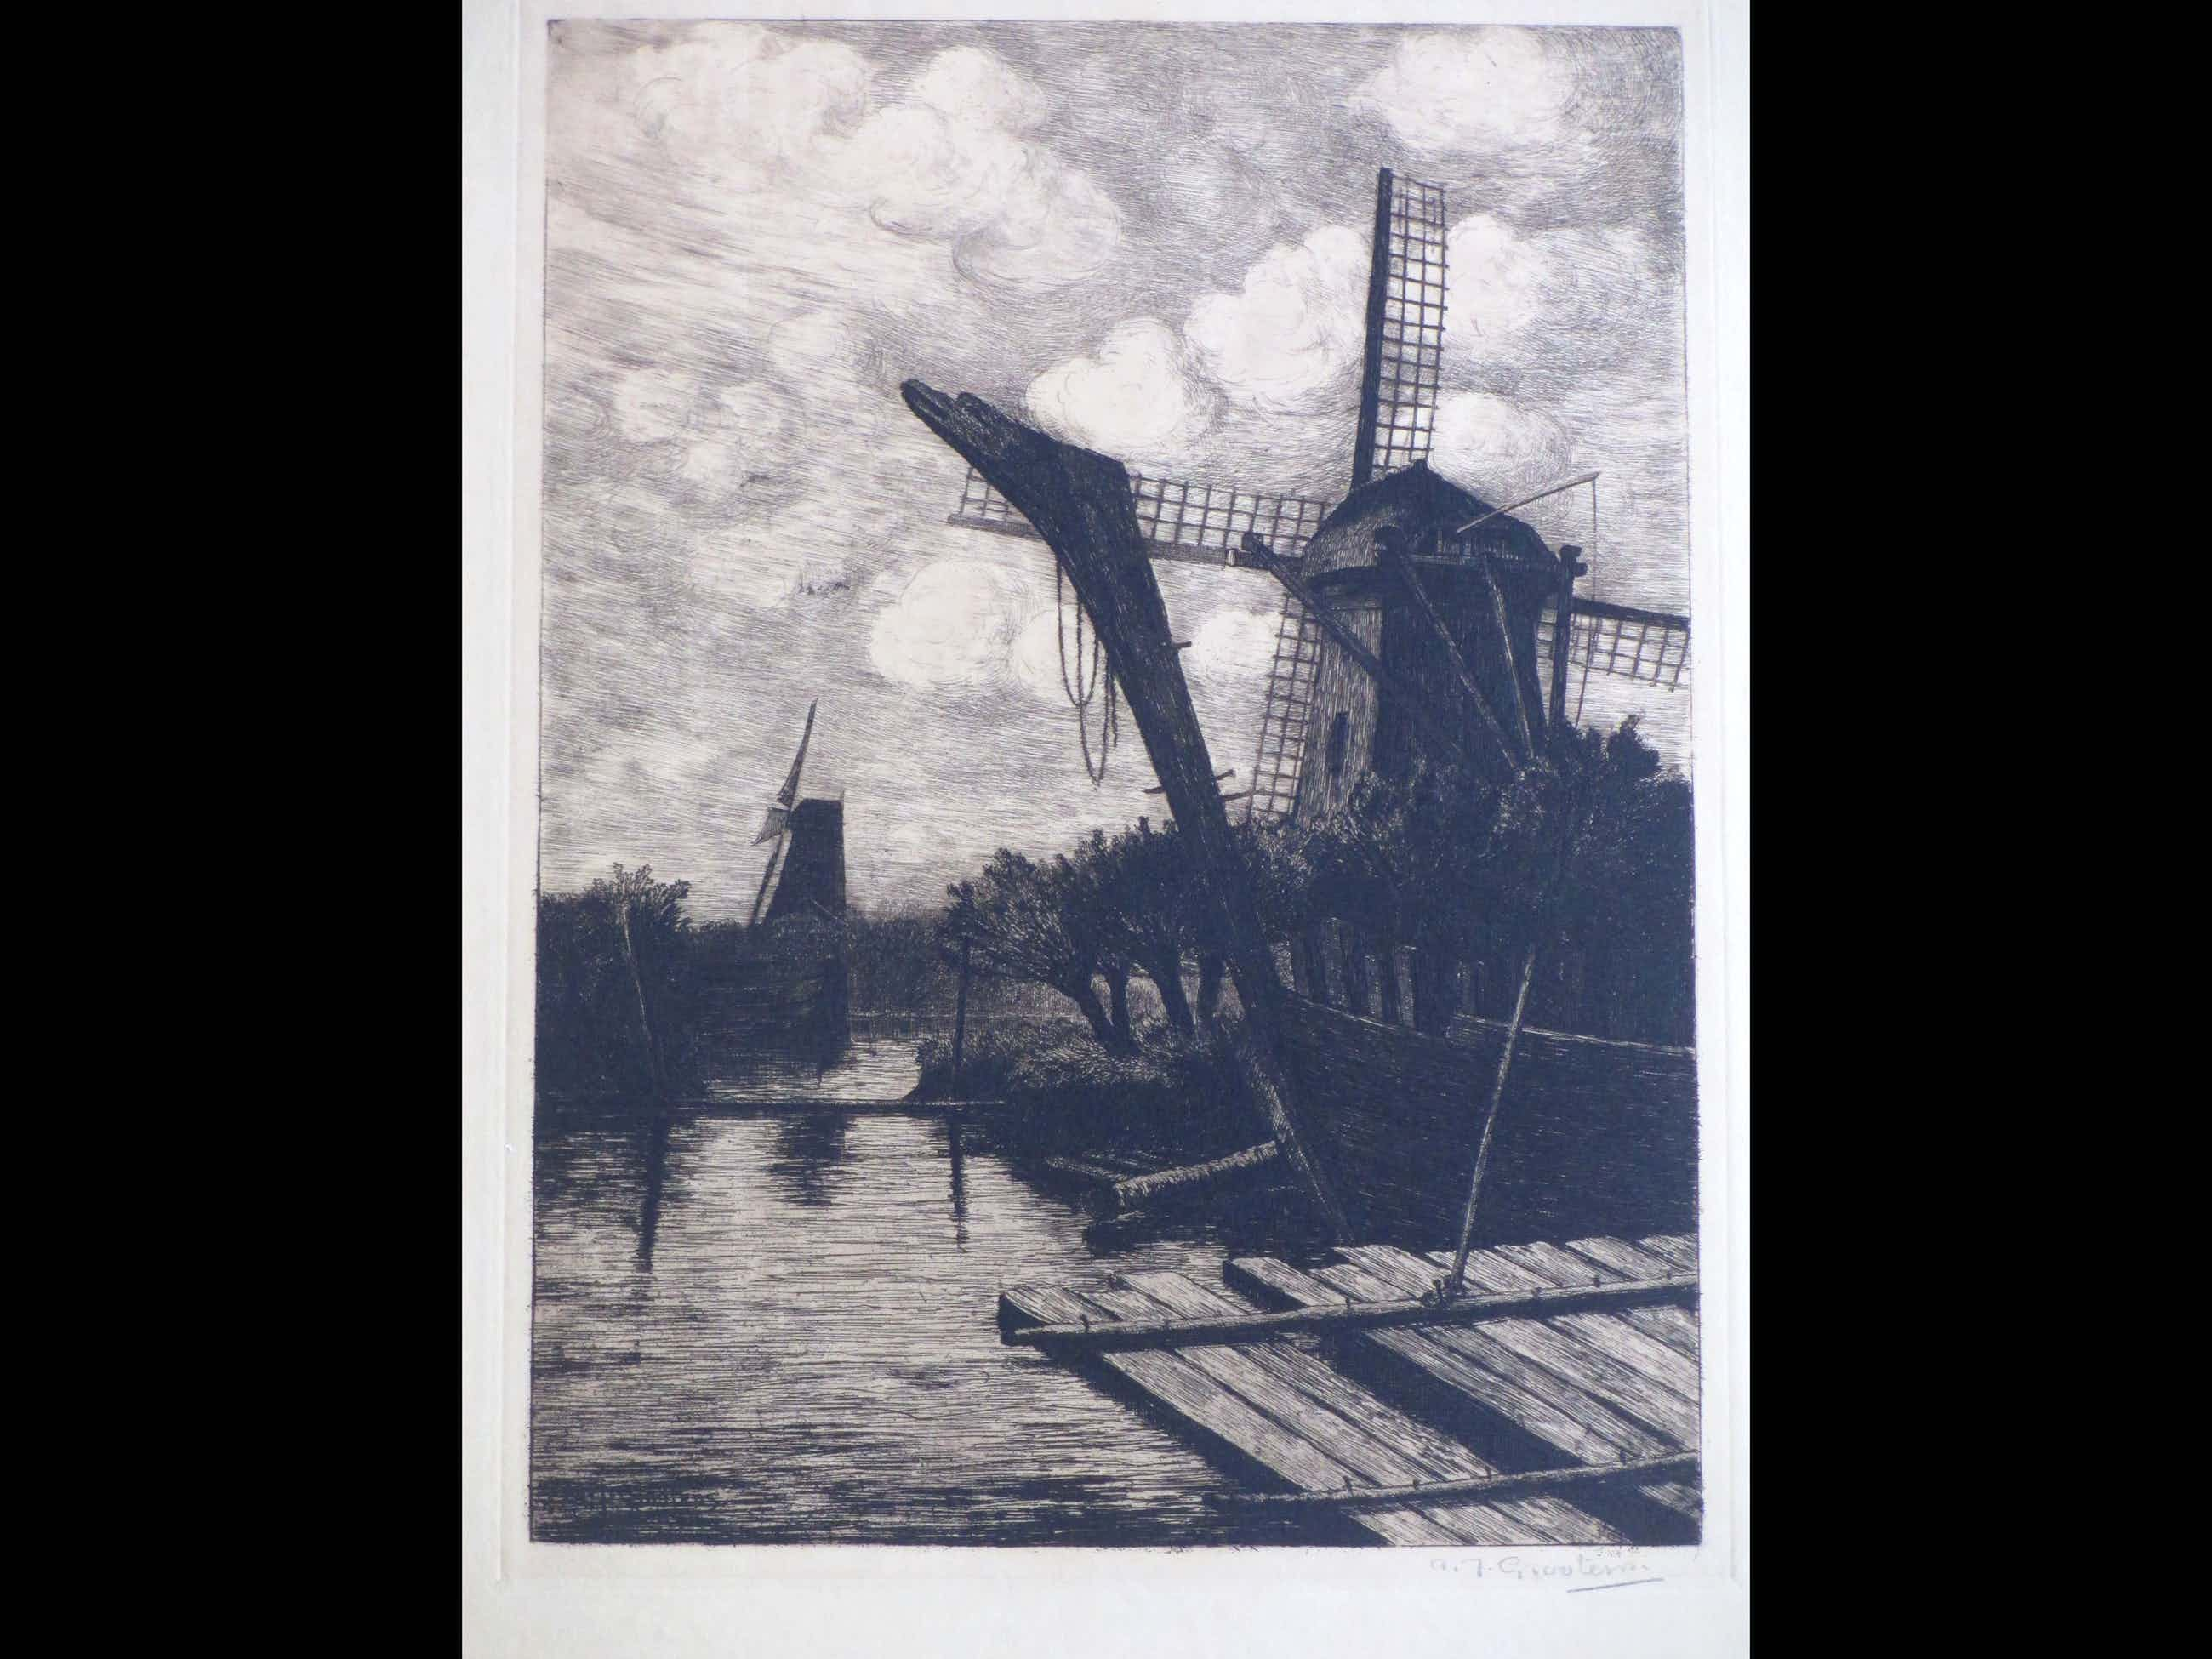 Adrianus Johannes Grootens - Molens aan het water - Ets kopen? Bied vanaf 35!